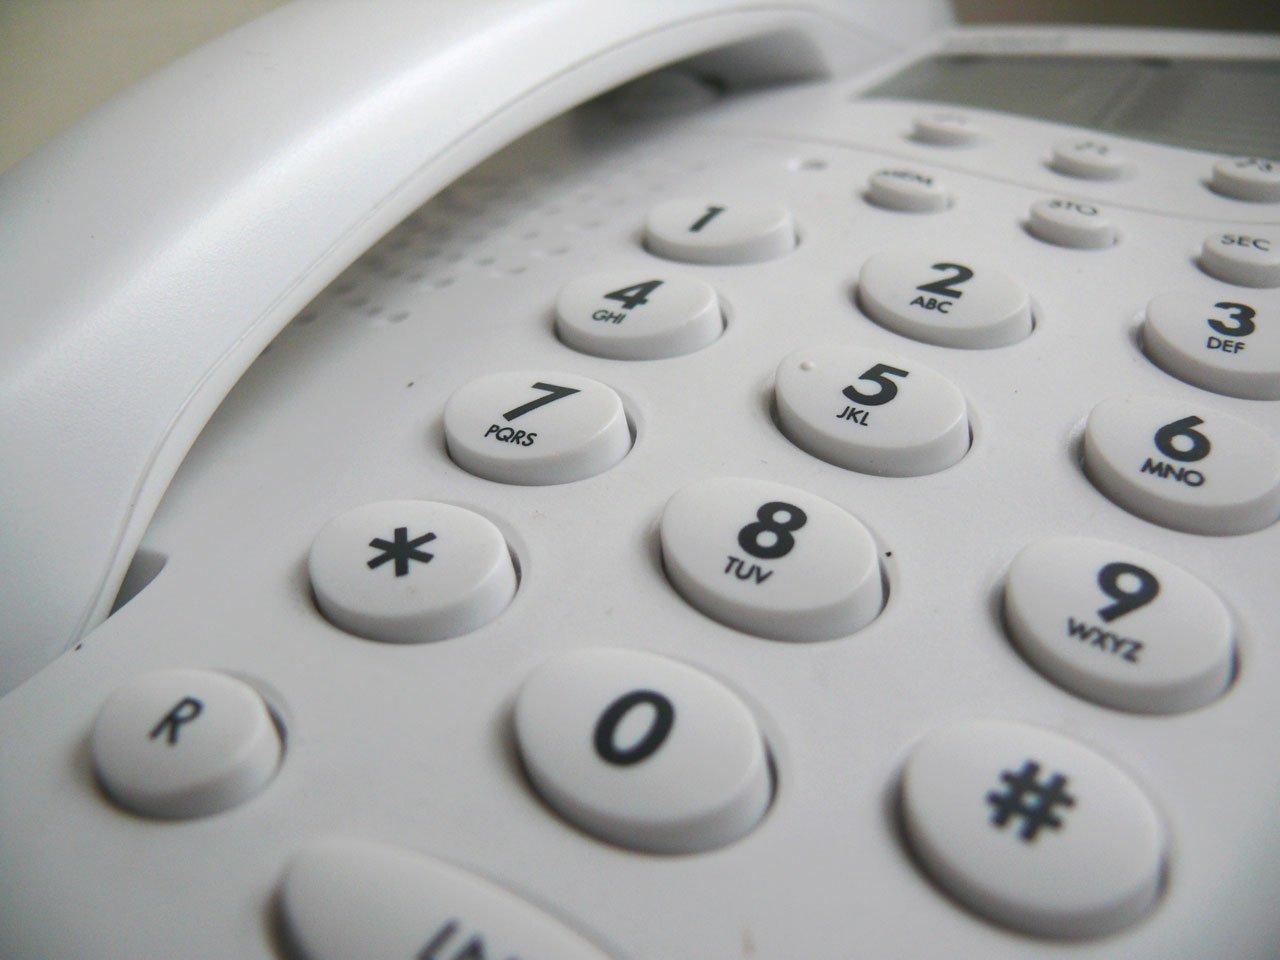 Le RIO fait son arrivée pour une portabilité du numéro fixe plus sécurisée